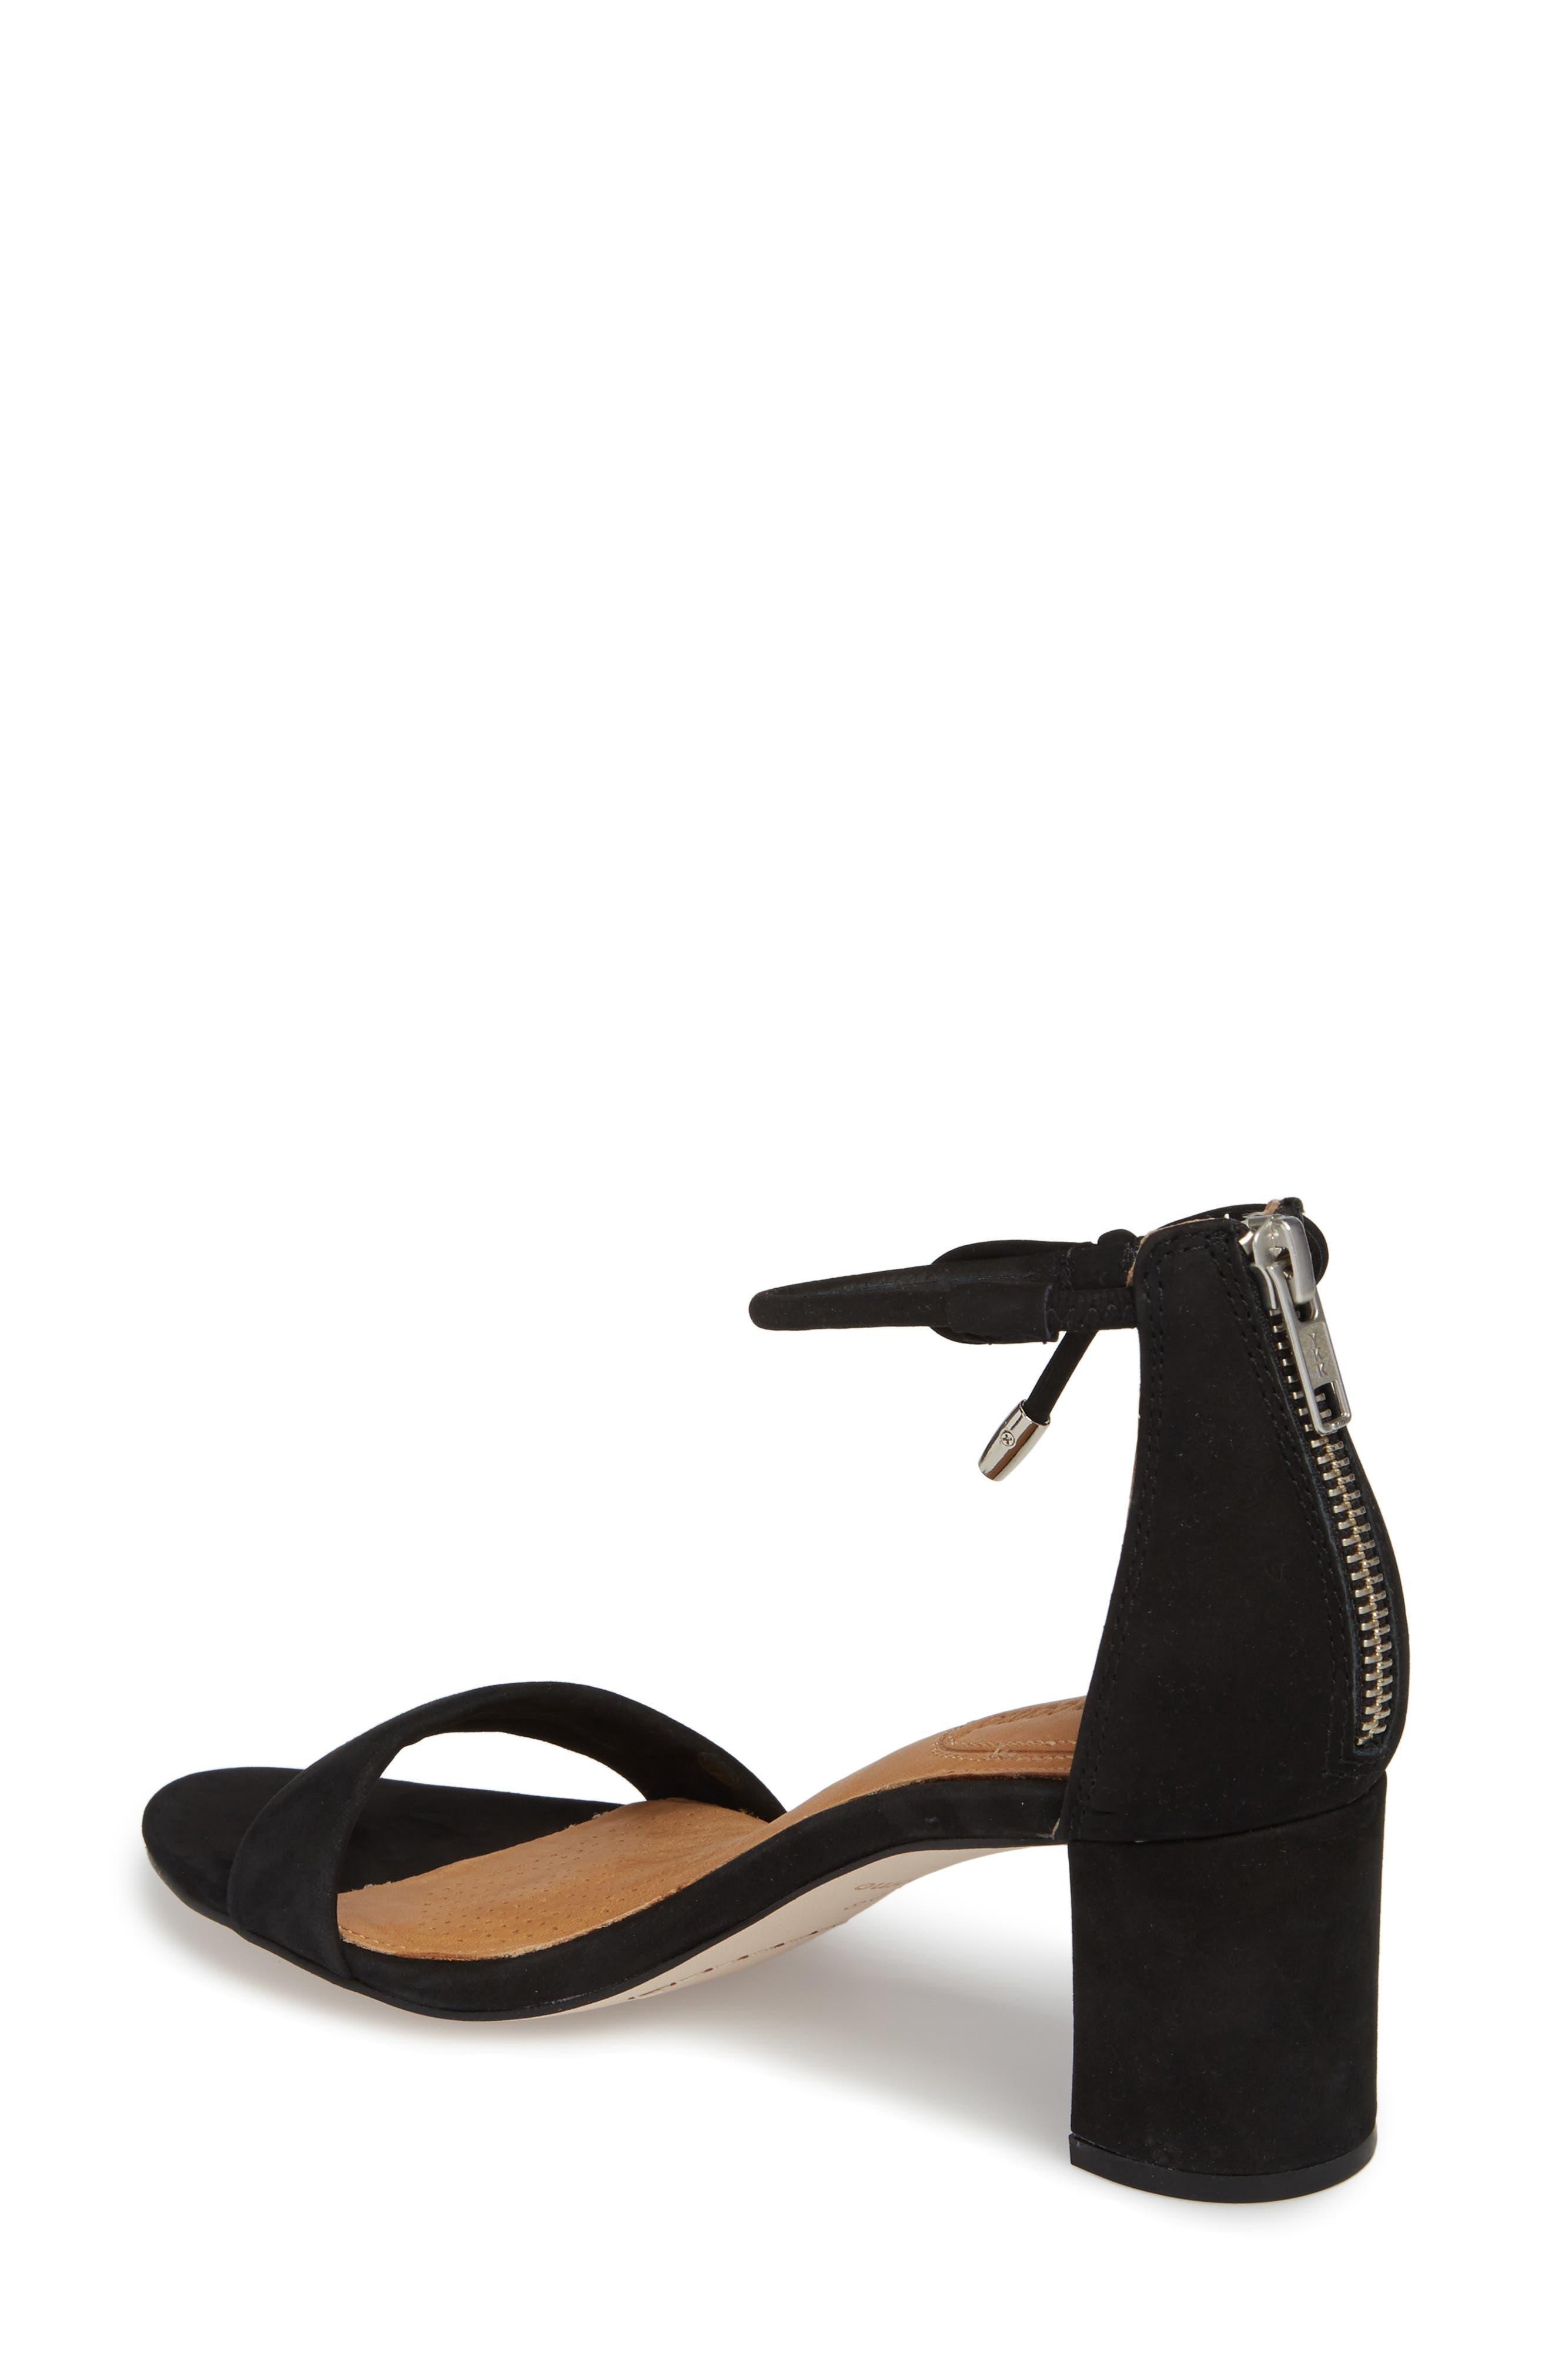 Celebratt Ankle Strap Sandal,                             Alternate thumbnail 2, color,                             001